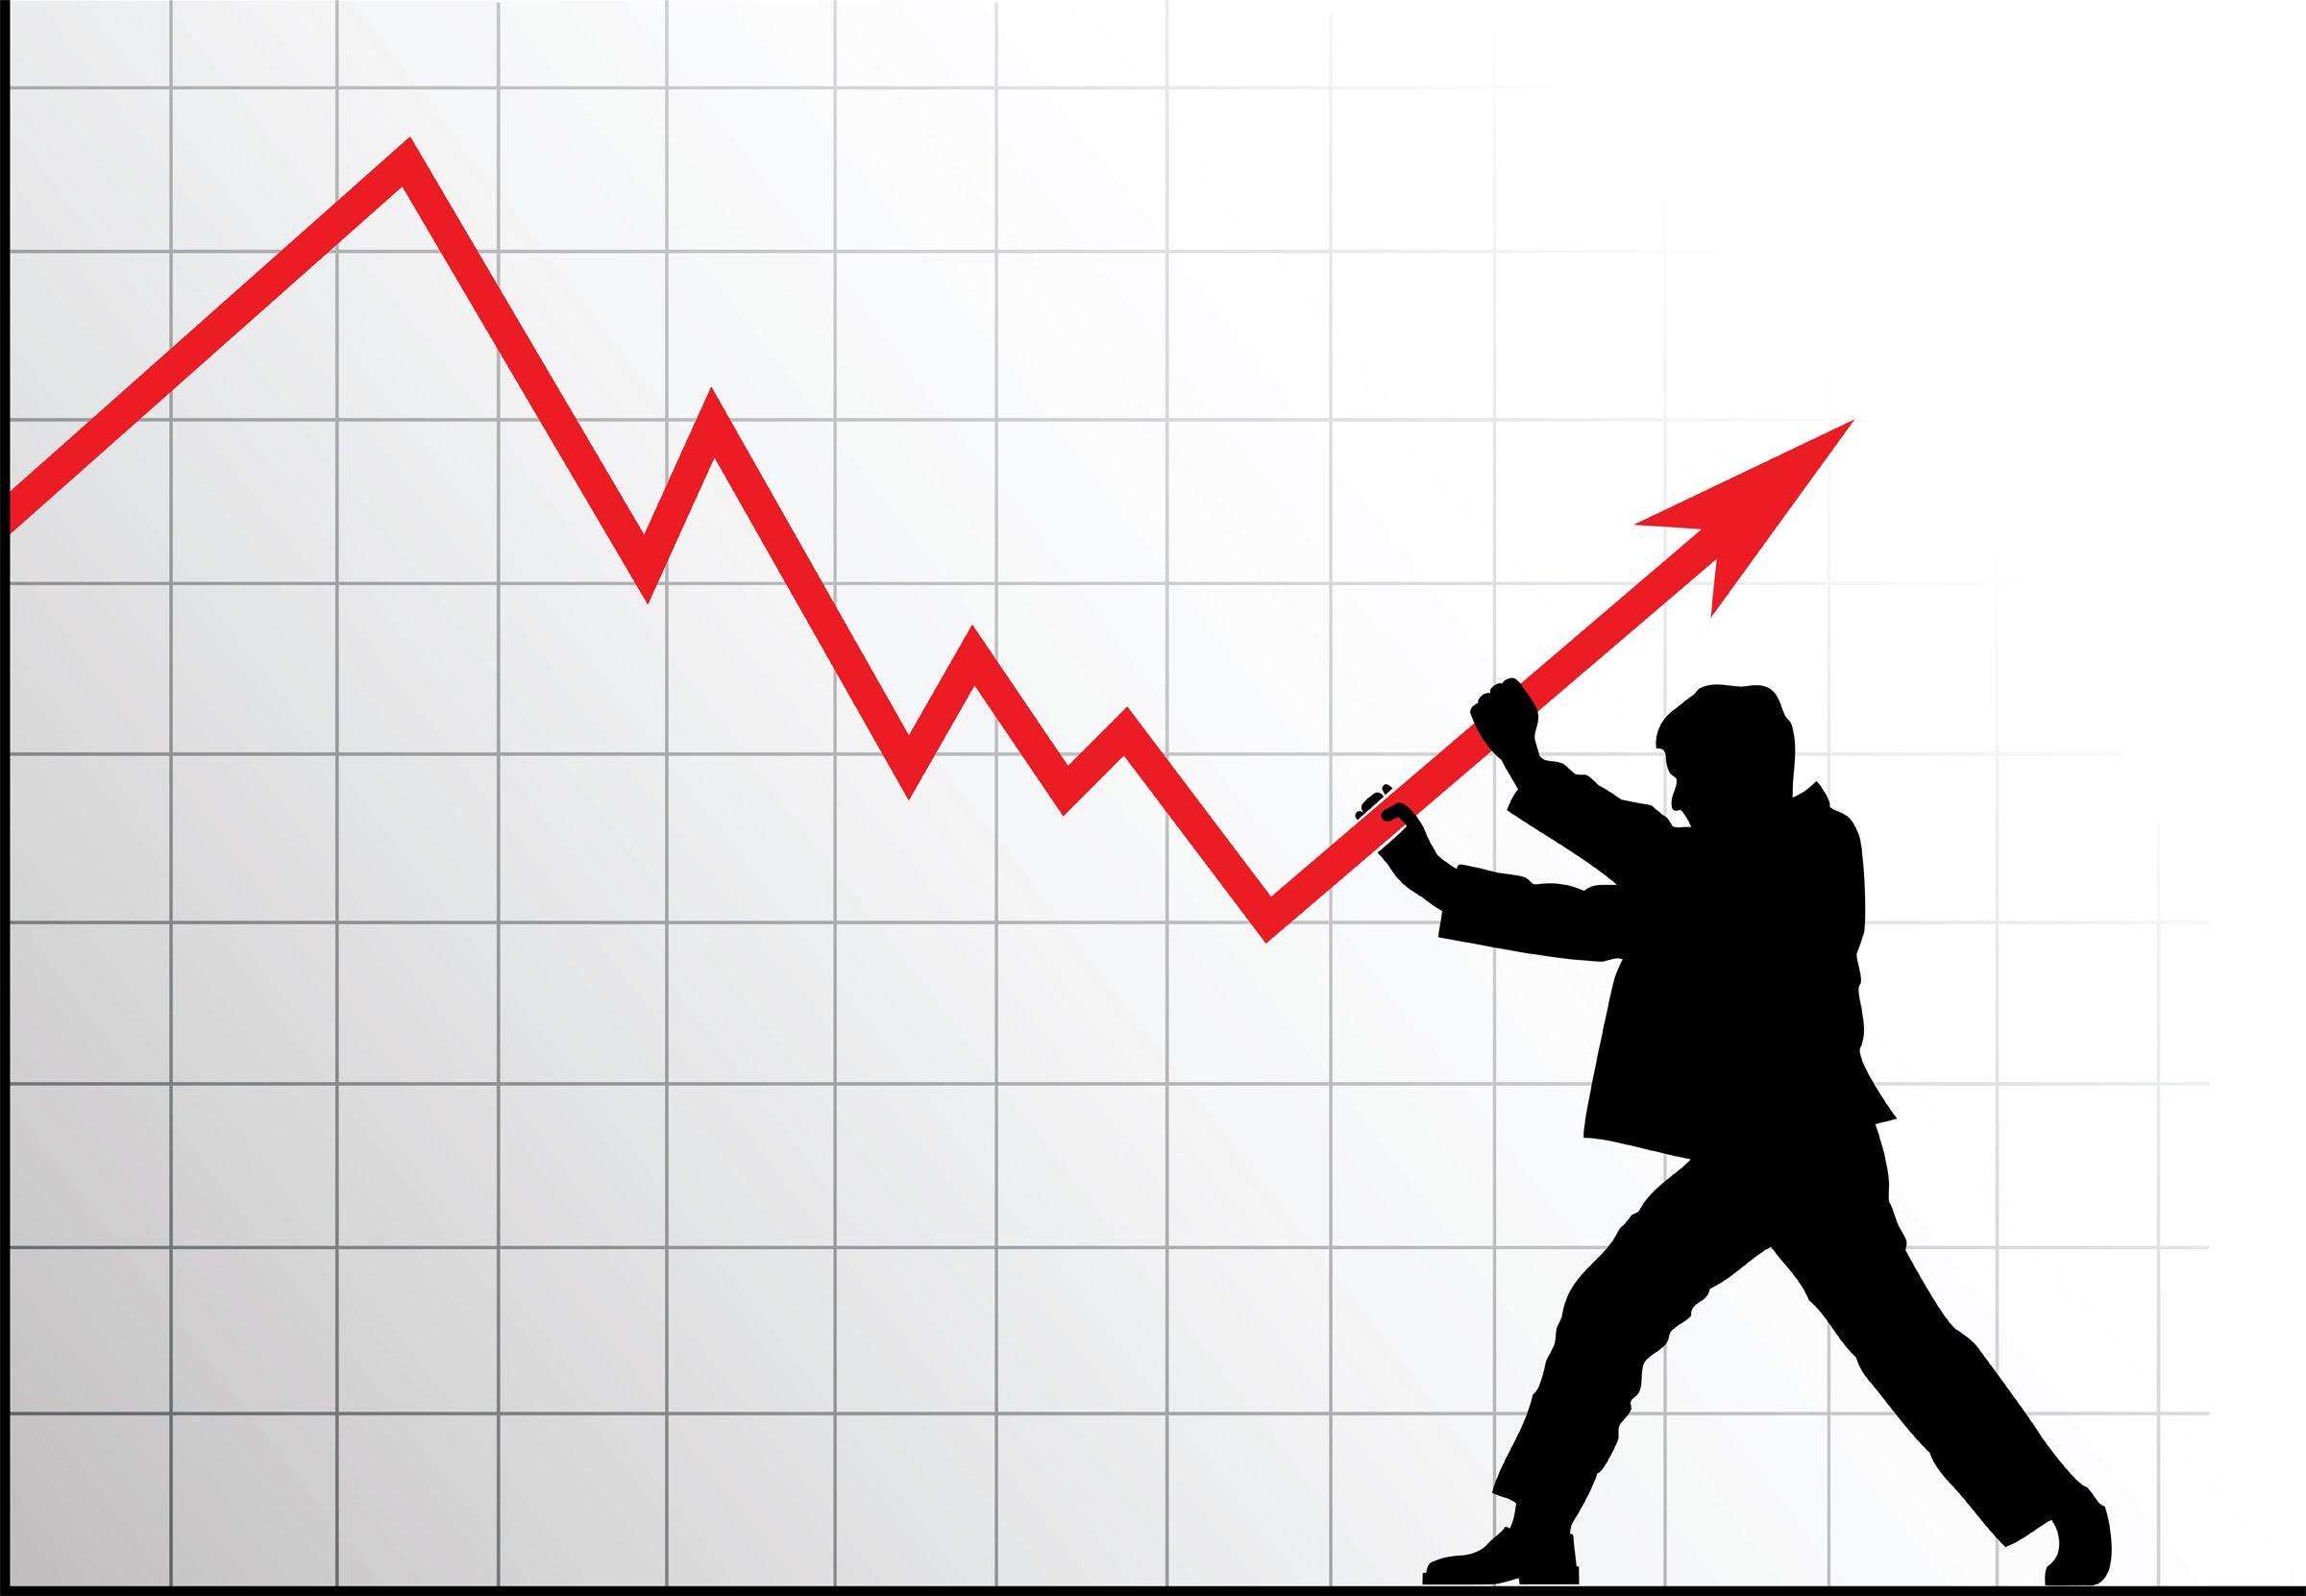 crisi aziendale - Editoria. Dal 01/01/2018 operativa la nuova disciplina degli stati di crisi aziendale